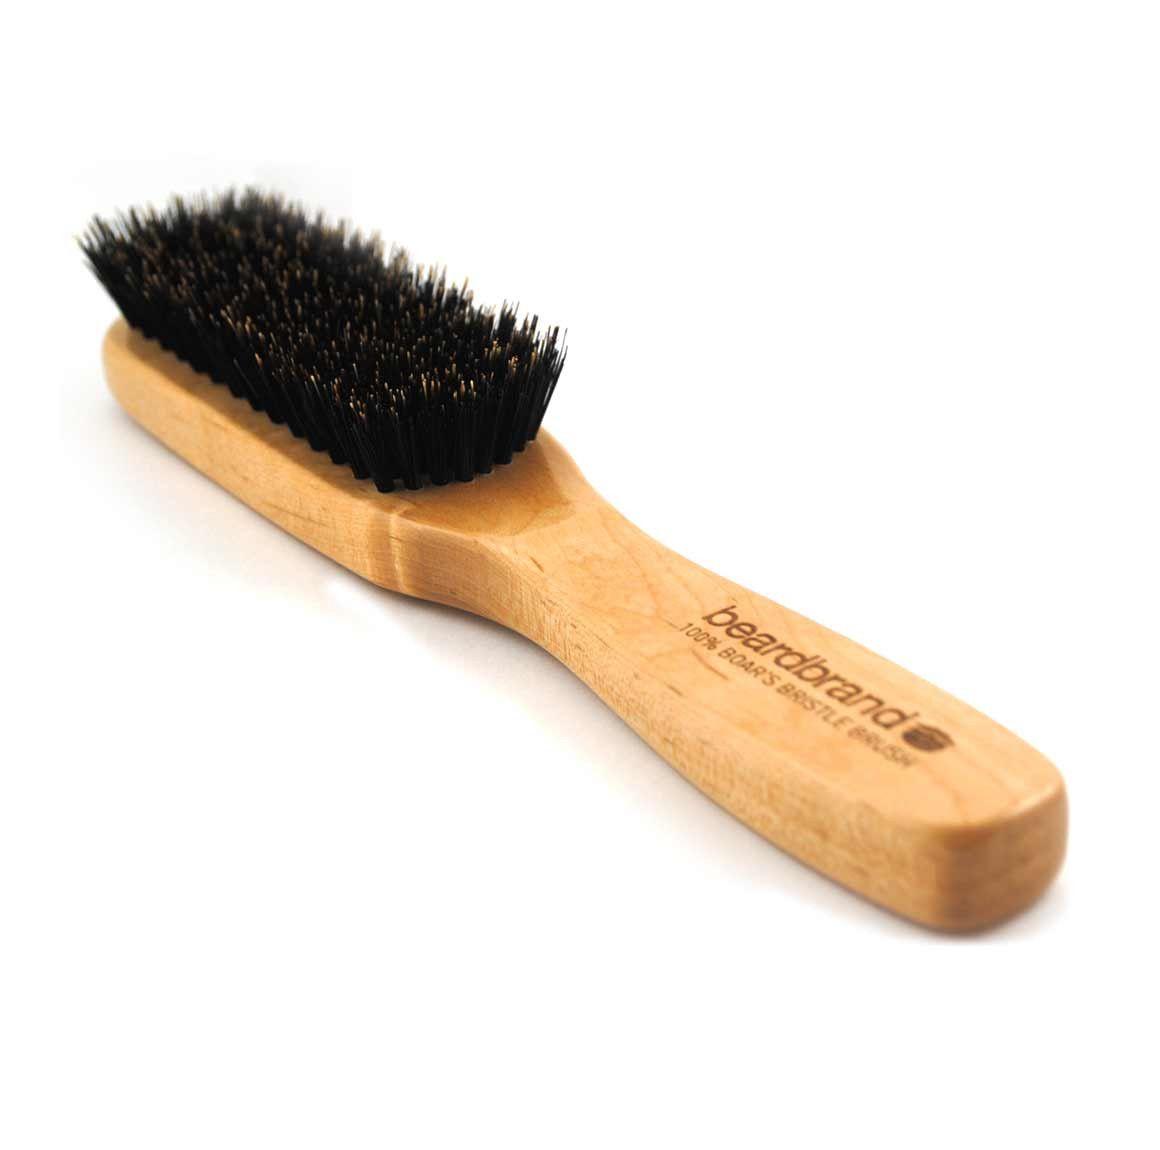 Beardbrand Boar S Hair Brush Boar Hair Brush Hair Supplies Beard Brush